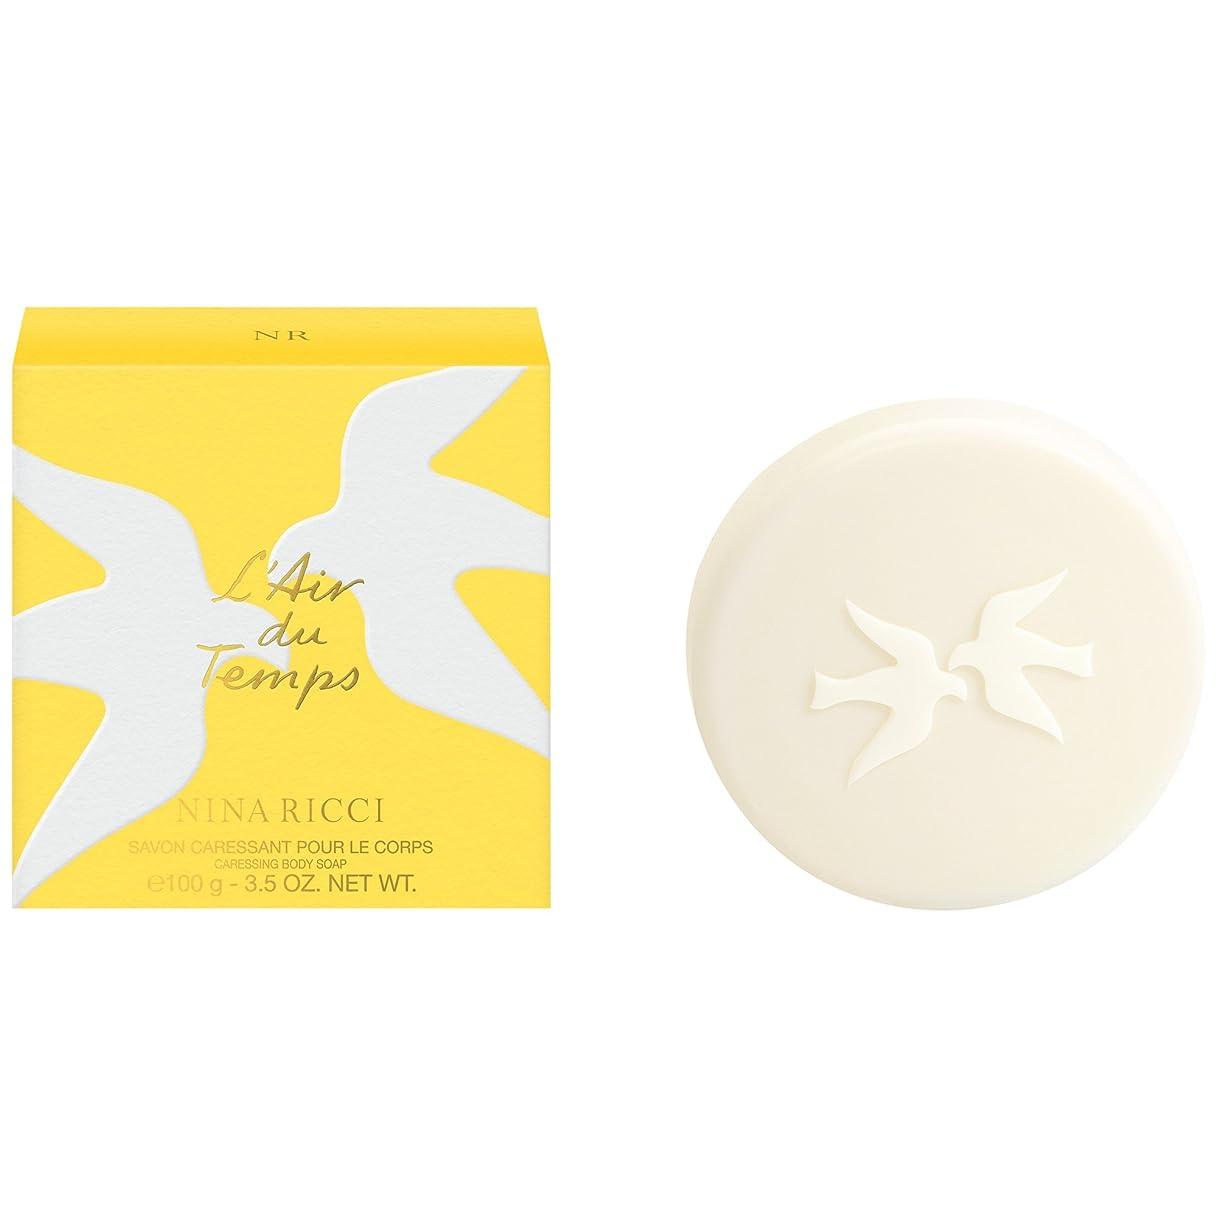 クラック滅多ラケットニナリッチL'空気デュは石鹸の100グラムをタン (Nina Ricci) (x6) - Nina Ricci L'Air du Temps Soap 100g (Pack of 6) [並行輸入品]